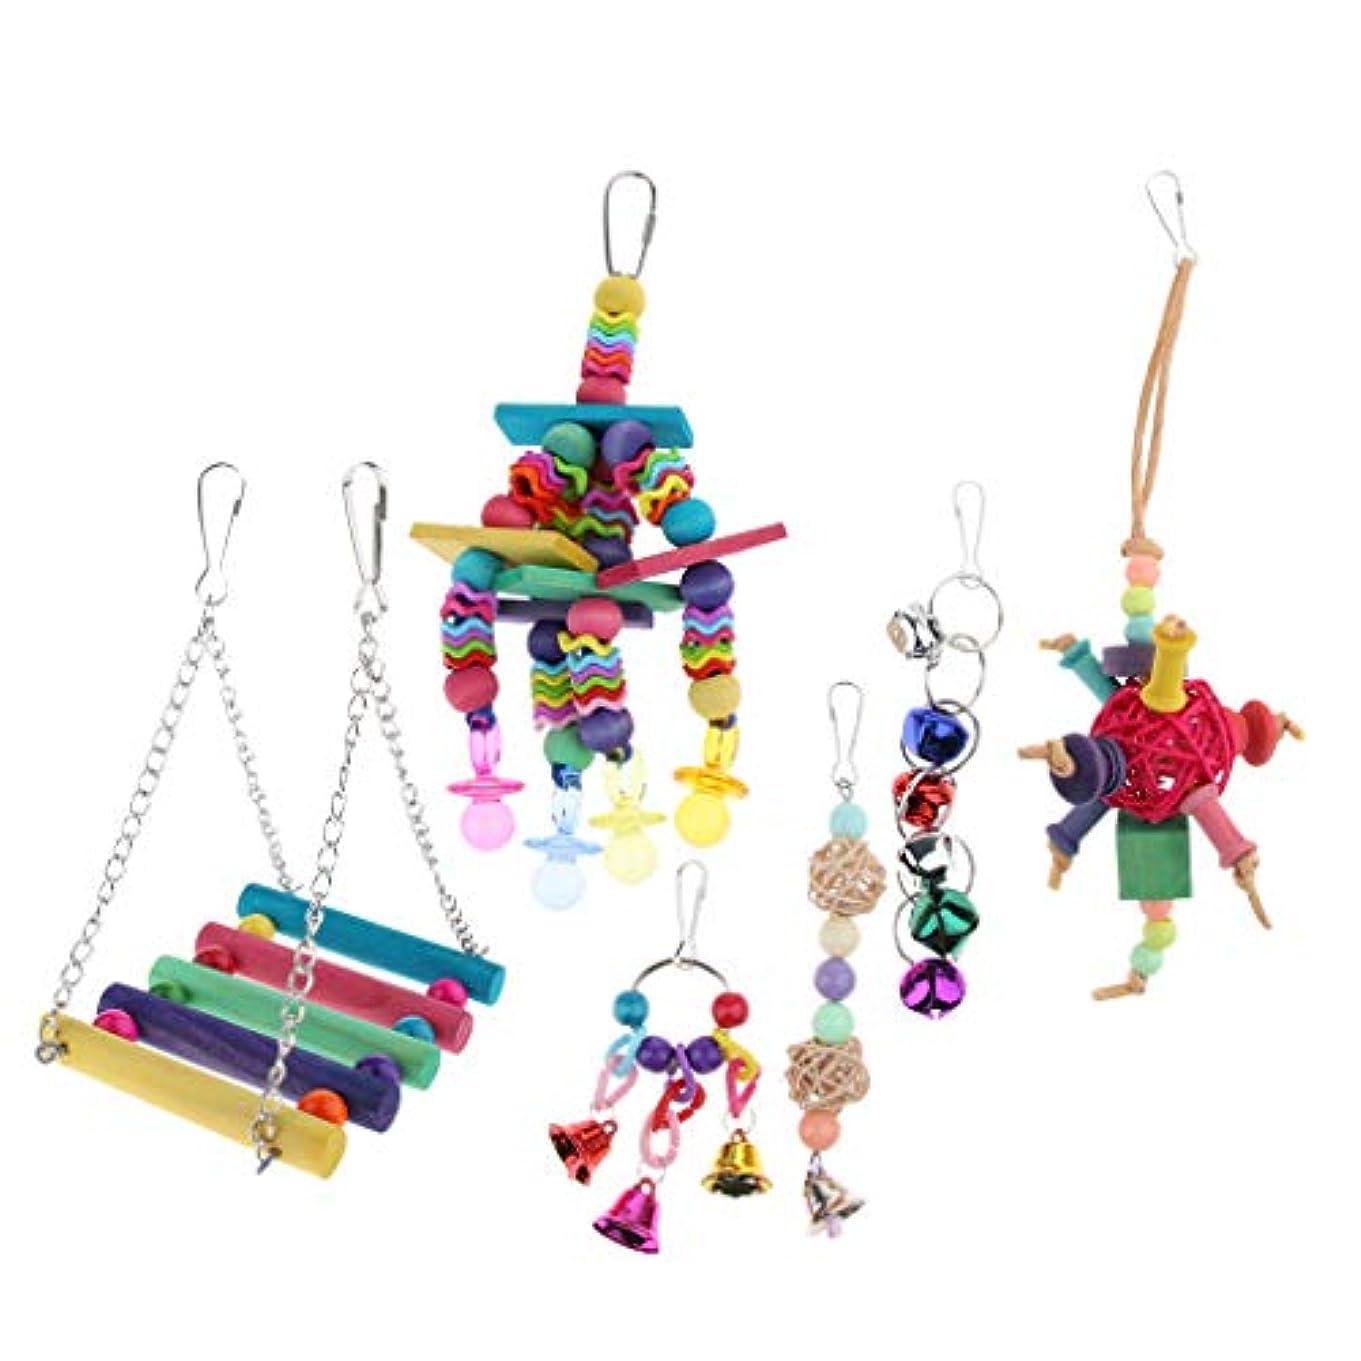 真実に湿った沼地オウムおもちゃセット 咀嚼玩具 スイングおもちゃ 籐ボール 吊りおもちゃ ストレス解消 6点セット